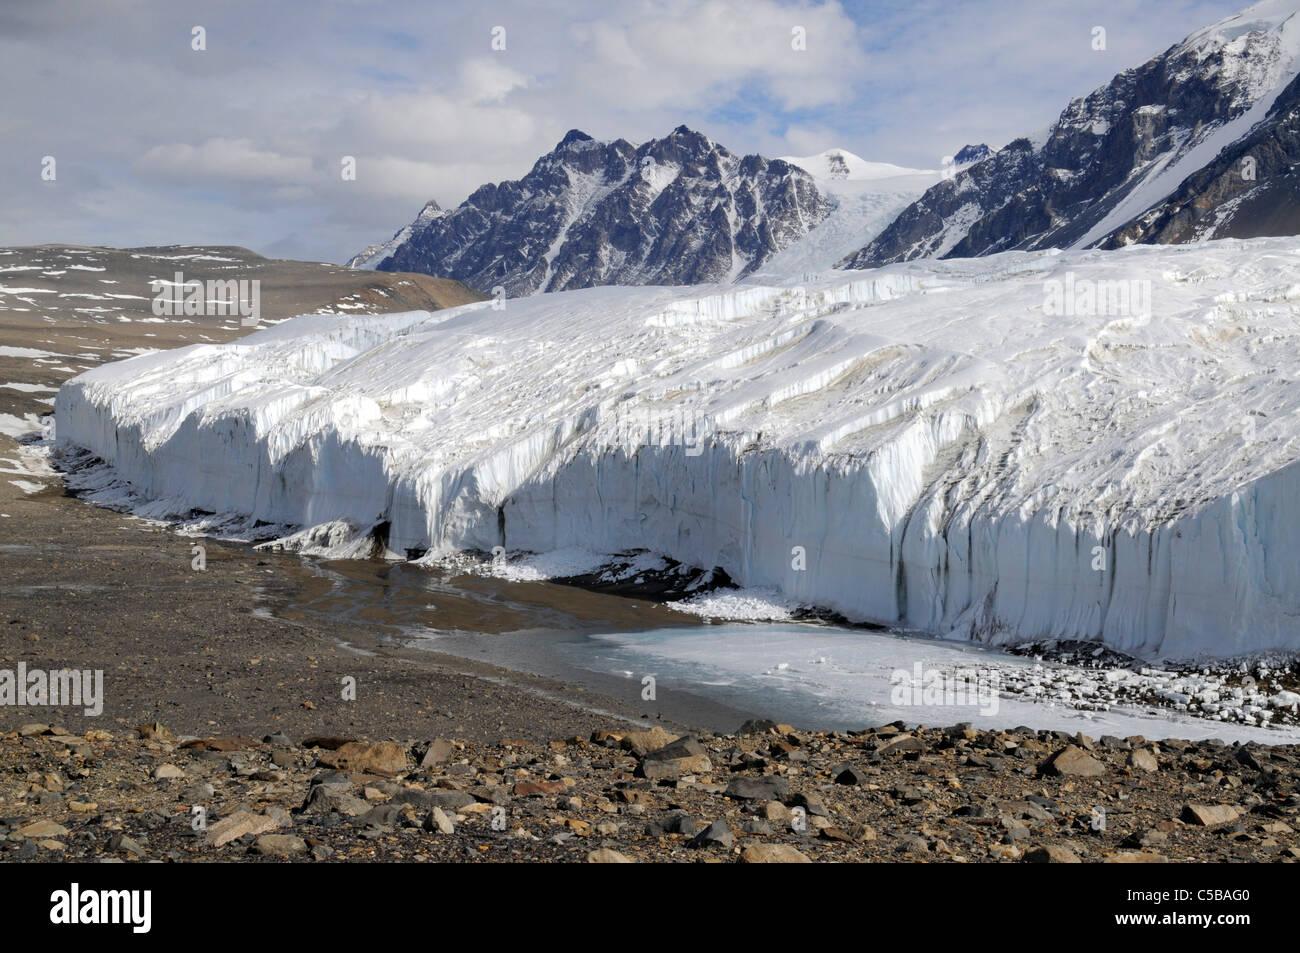 Canada Glacier, Taylor Valley, McMurdo Dry Valleys, Antarctica - Stock Image